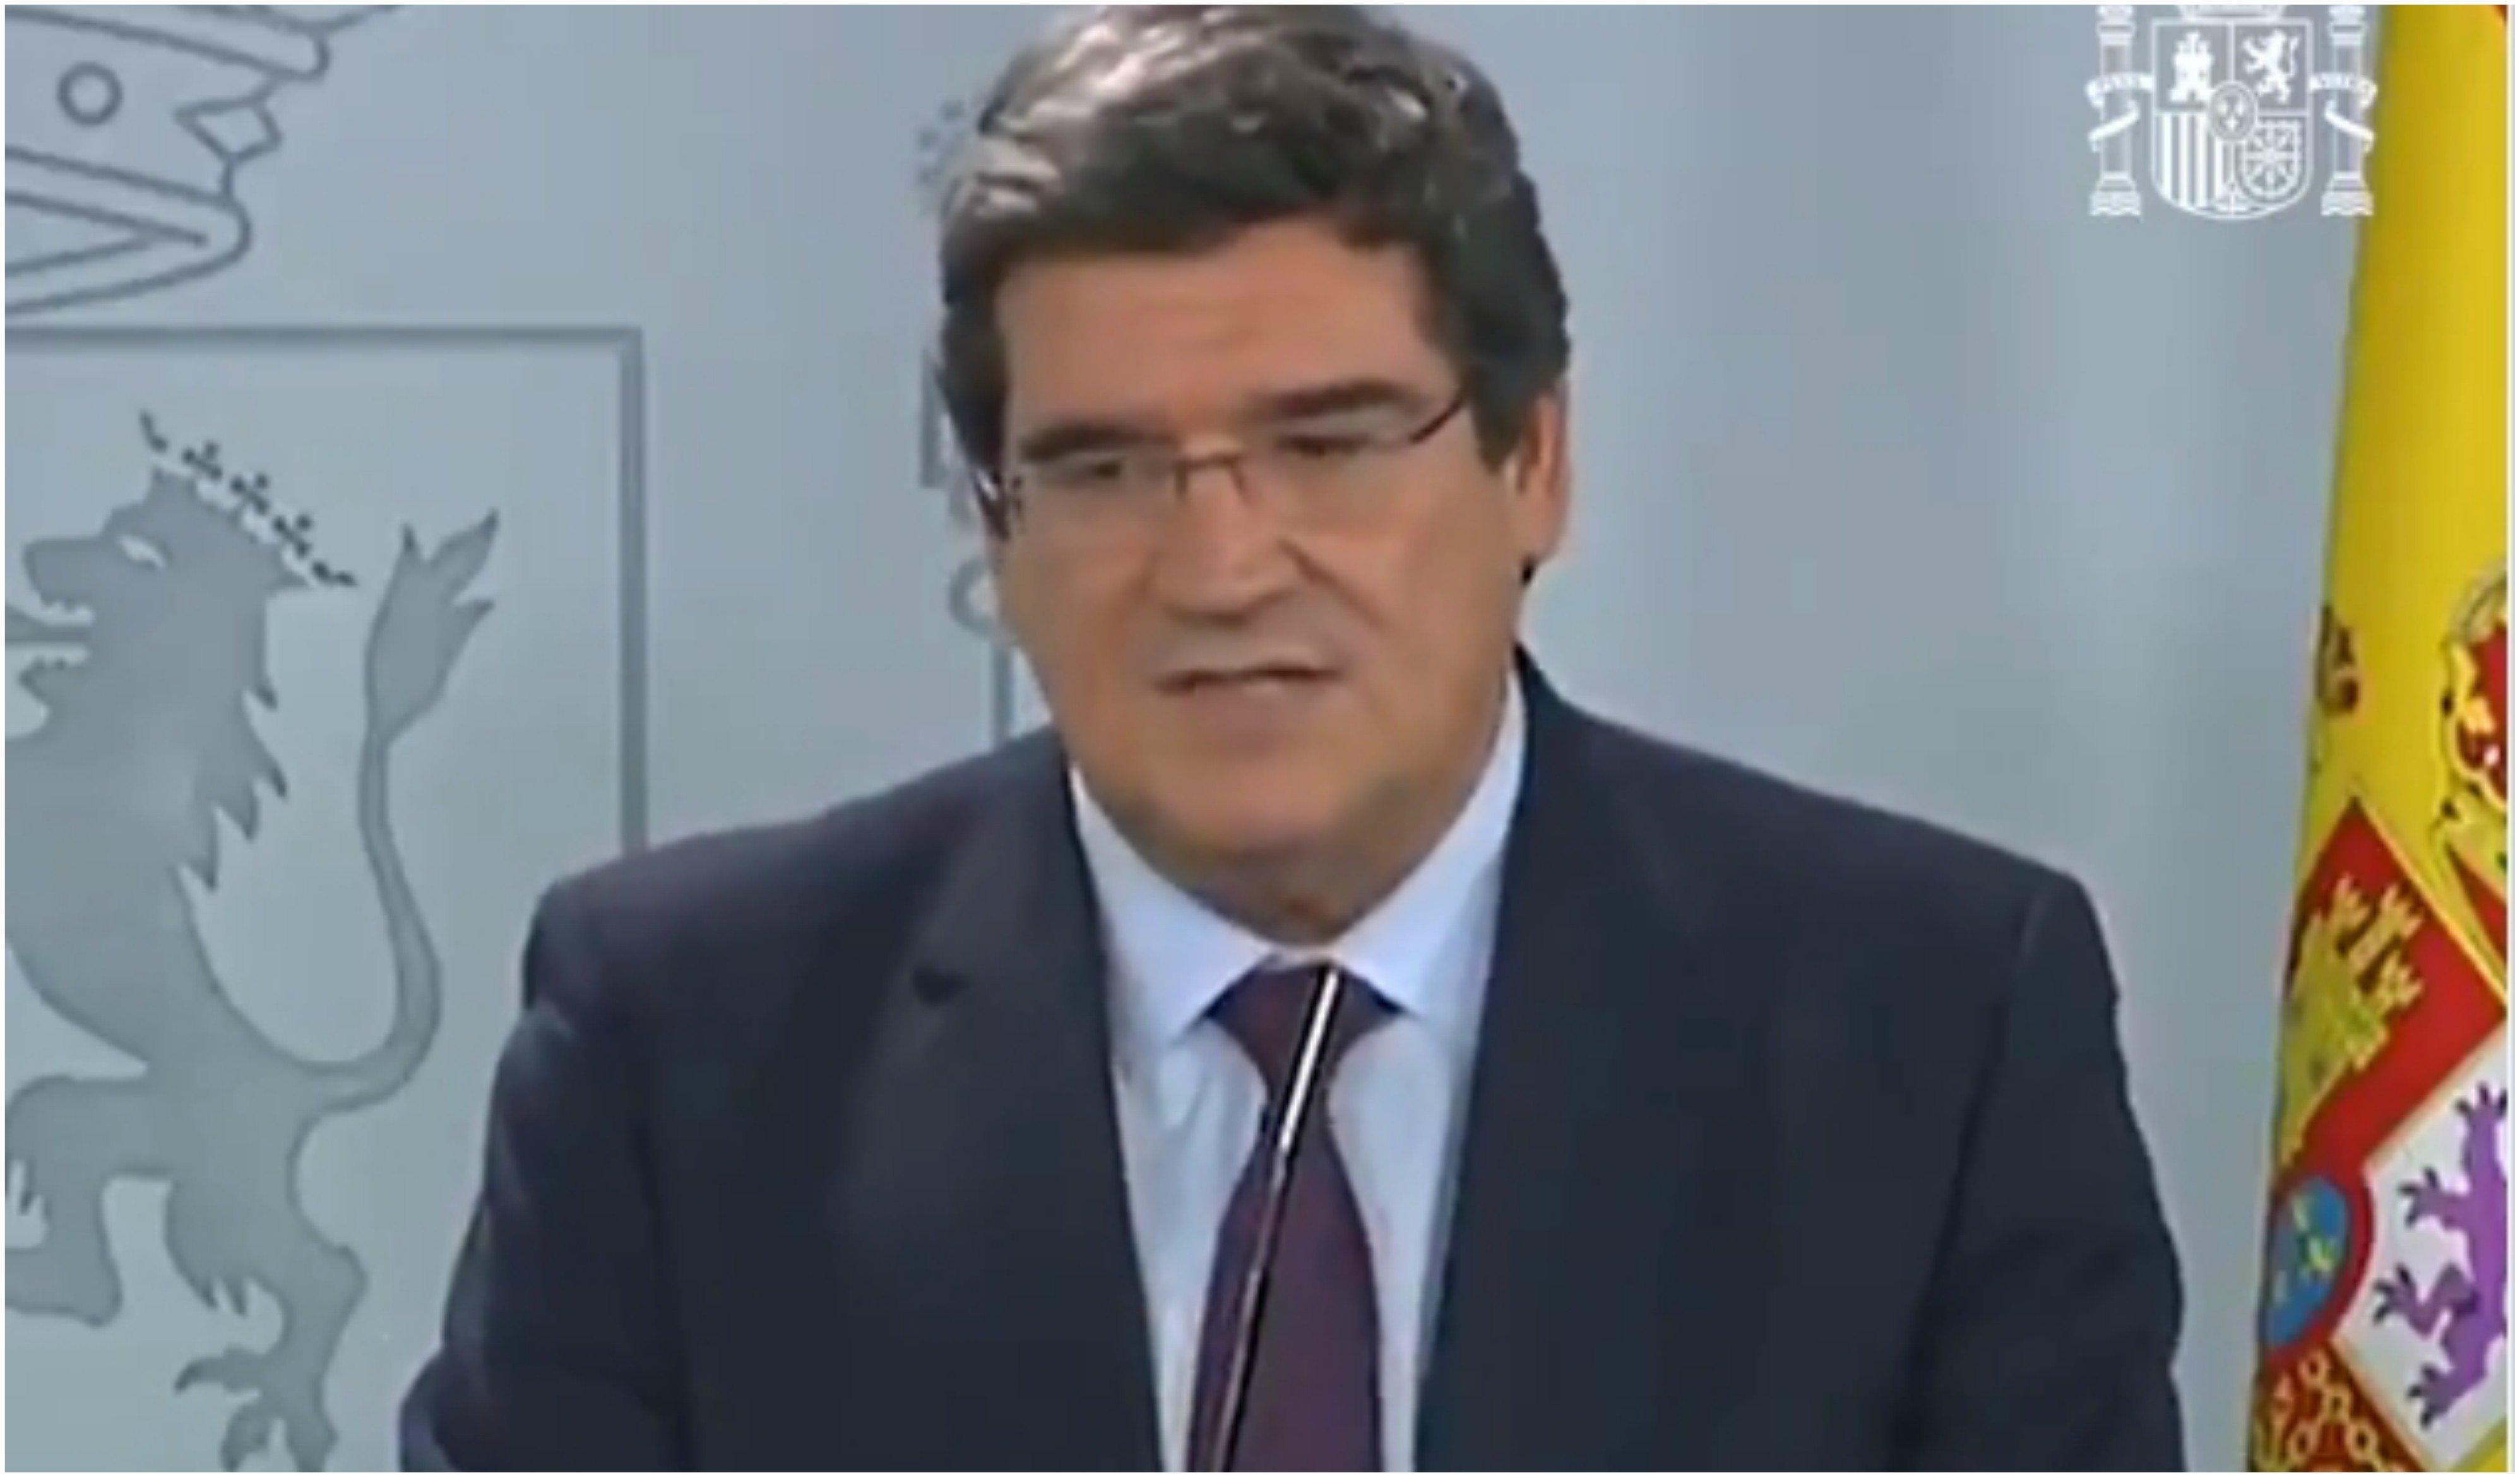 El ministro de Seguridad Social, José Luis Escrivá, subvencionará a los autónomos… que hayan perdido un 75% de sus ingresos. Con ingresos, no con un subsidio.